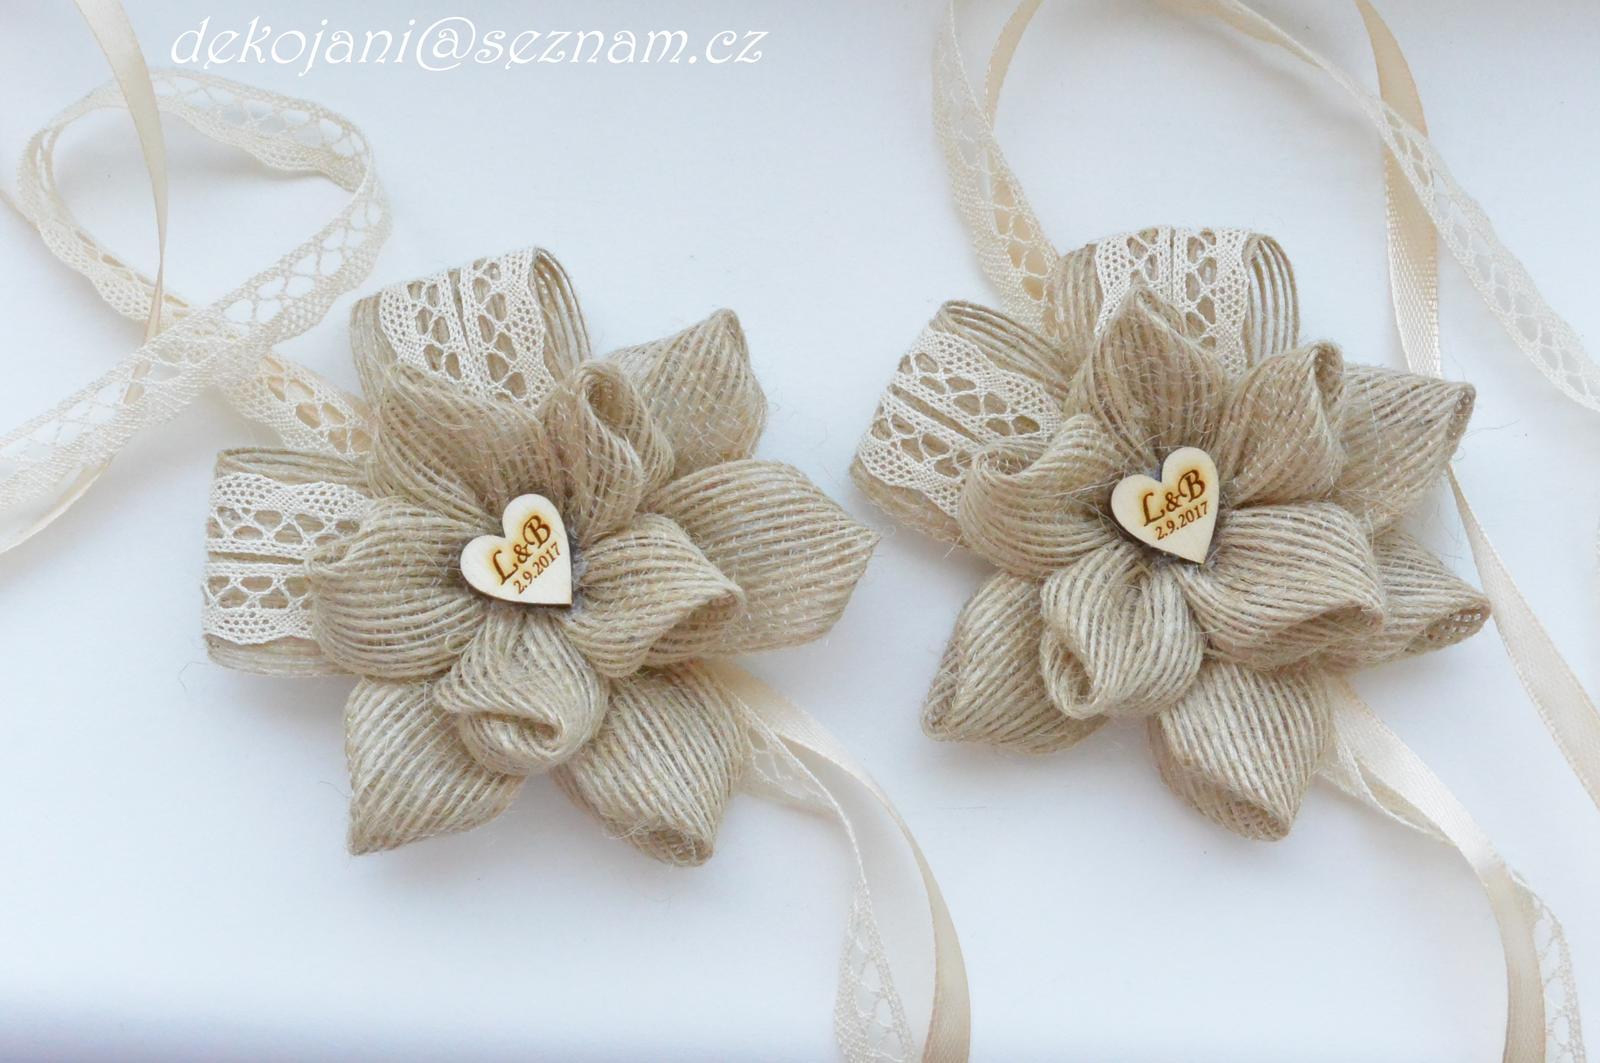 Čelenky, květiny do vlasů, náramky, obojek pro pejska... - Obrázek č. 451